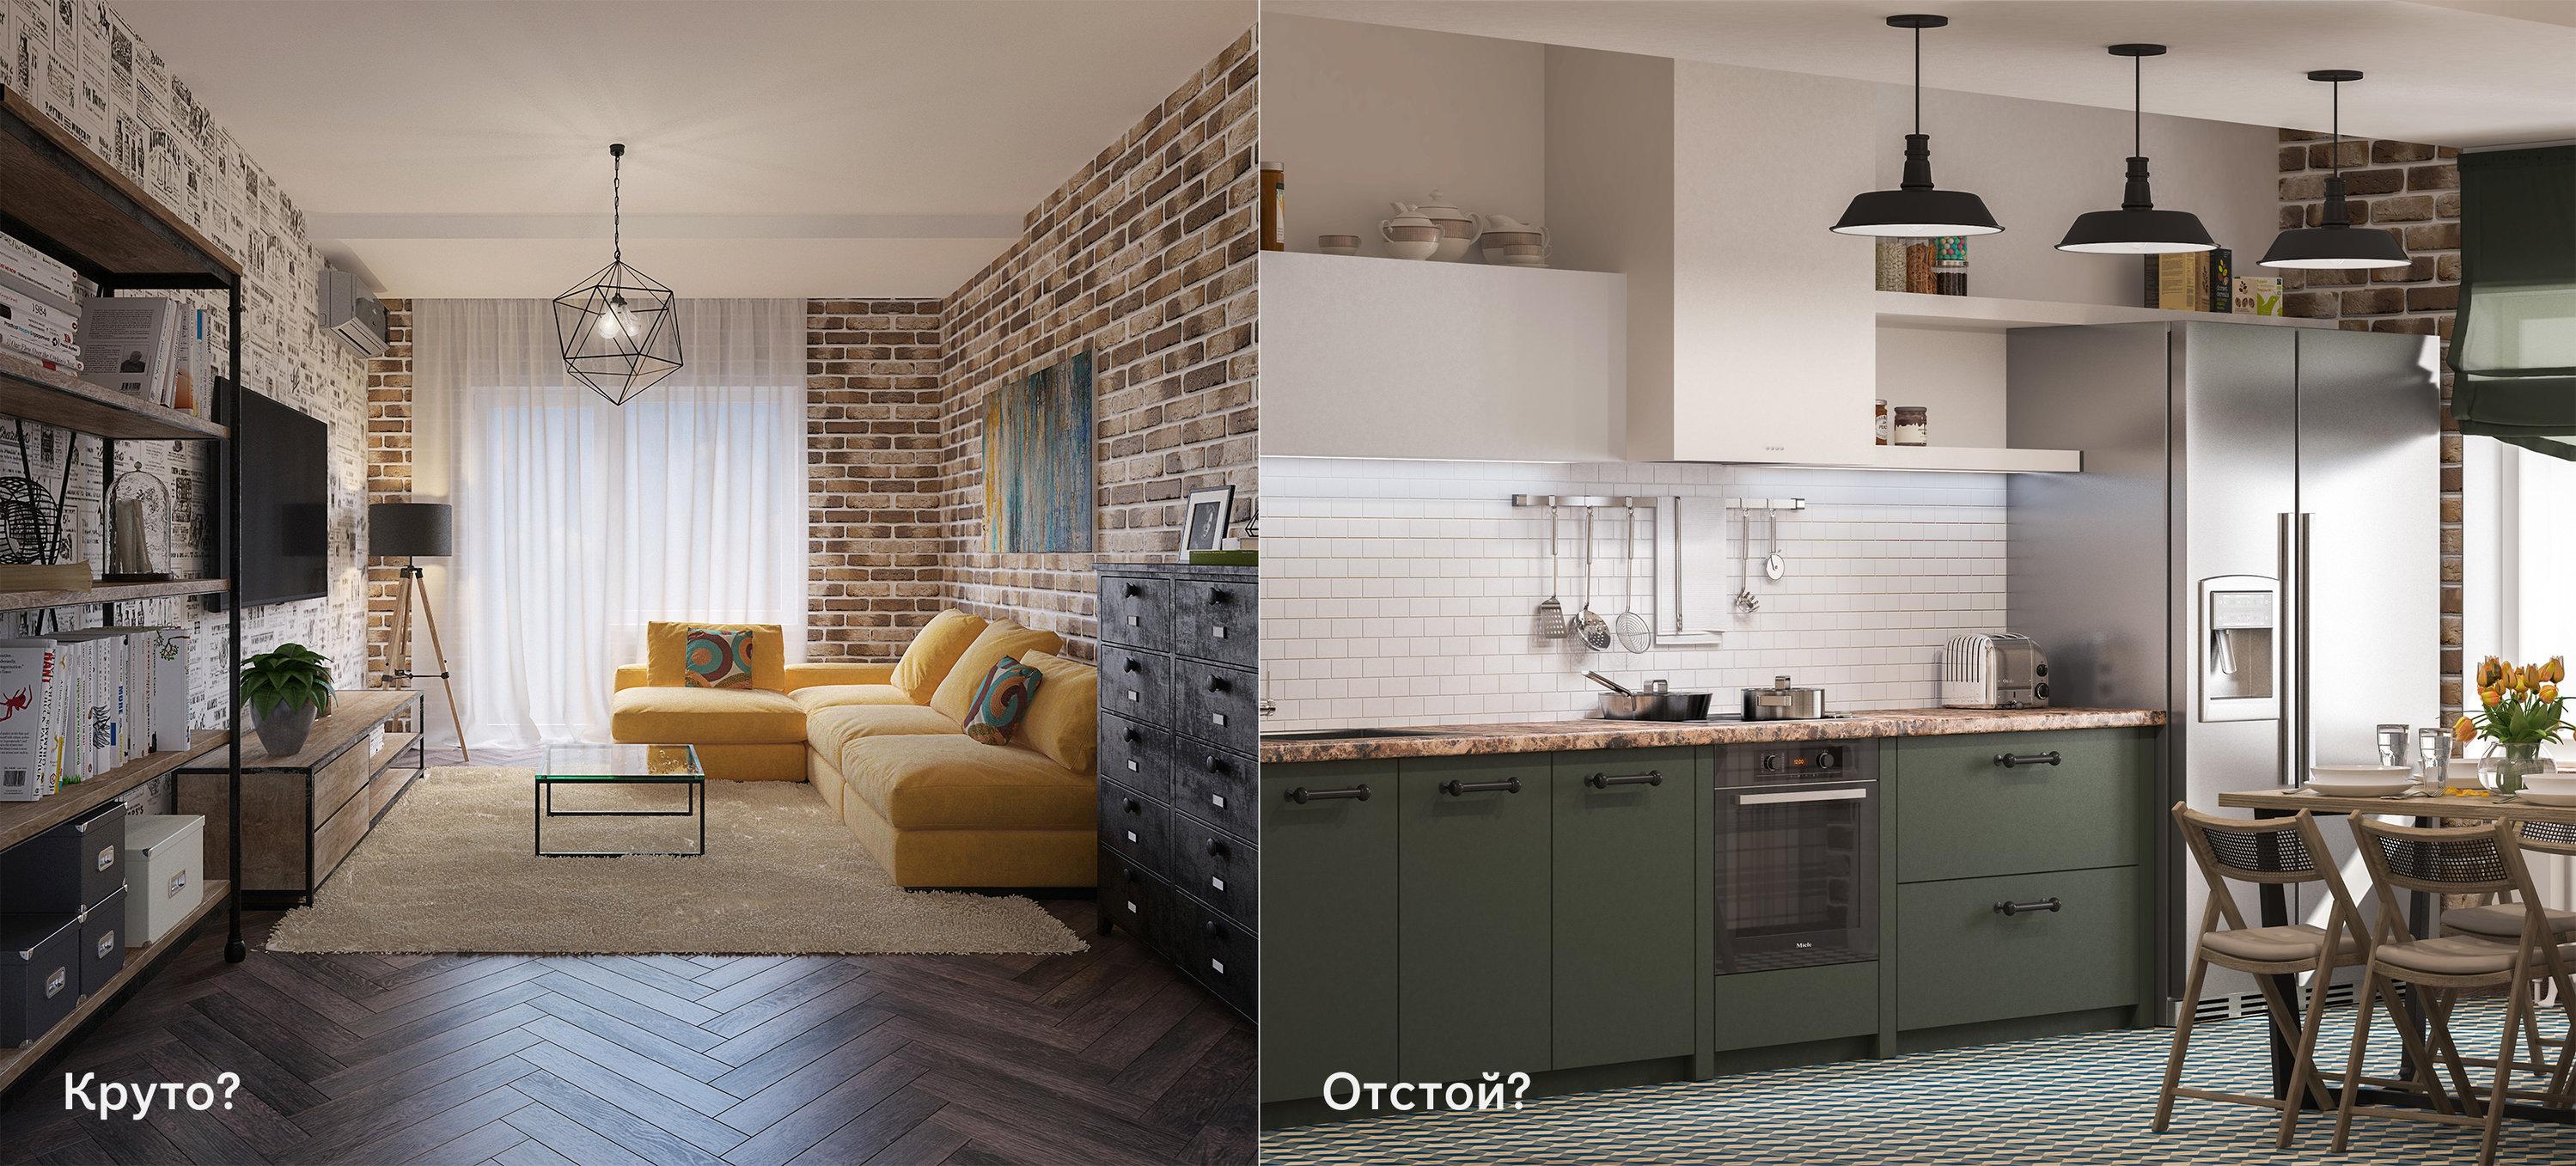 compare_renders.jpg